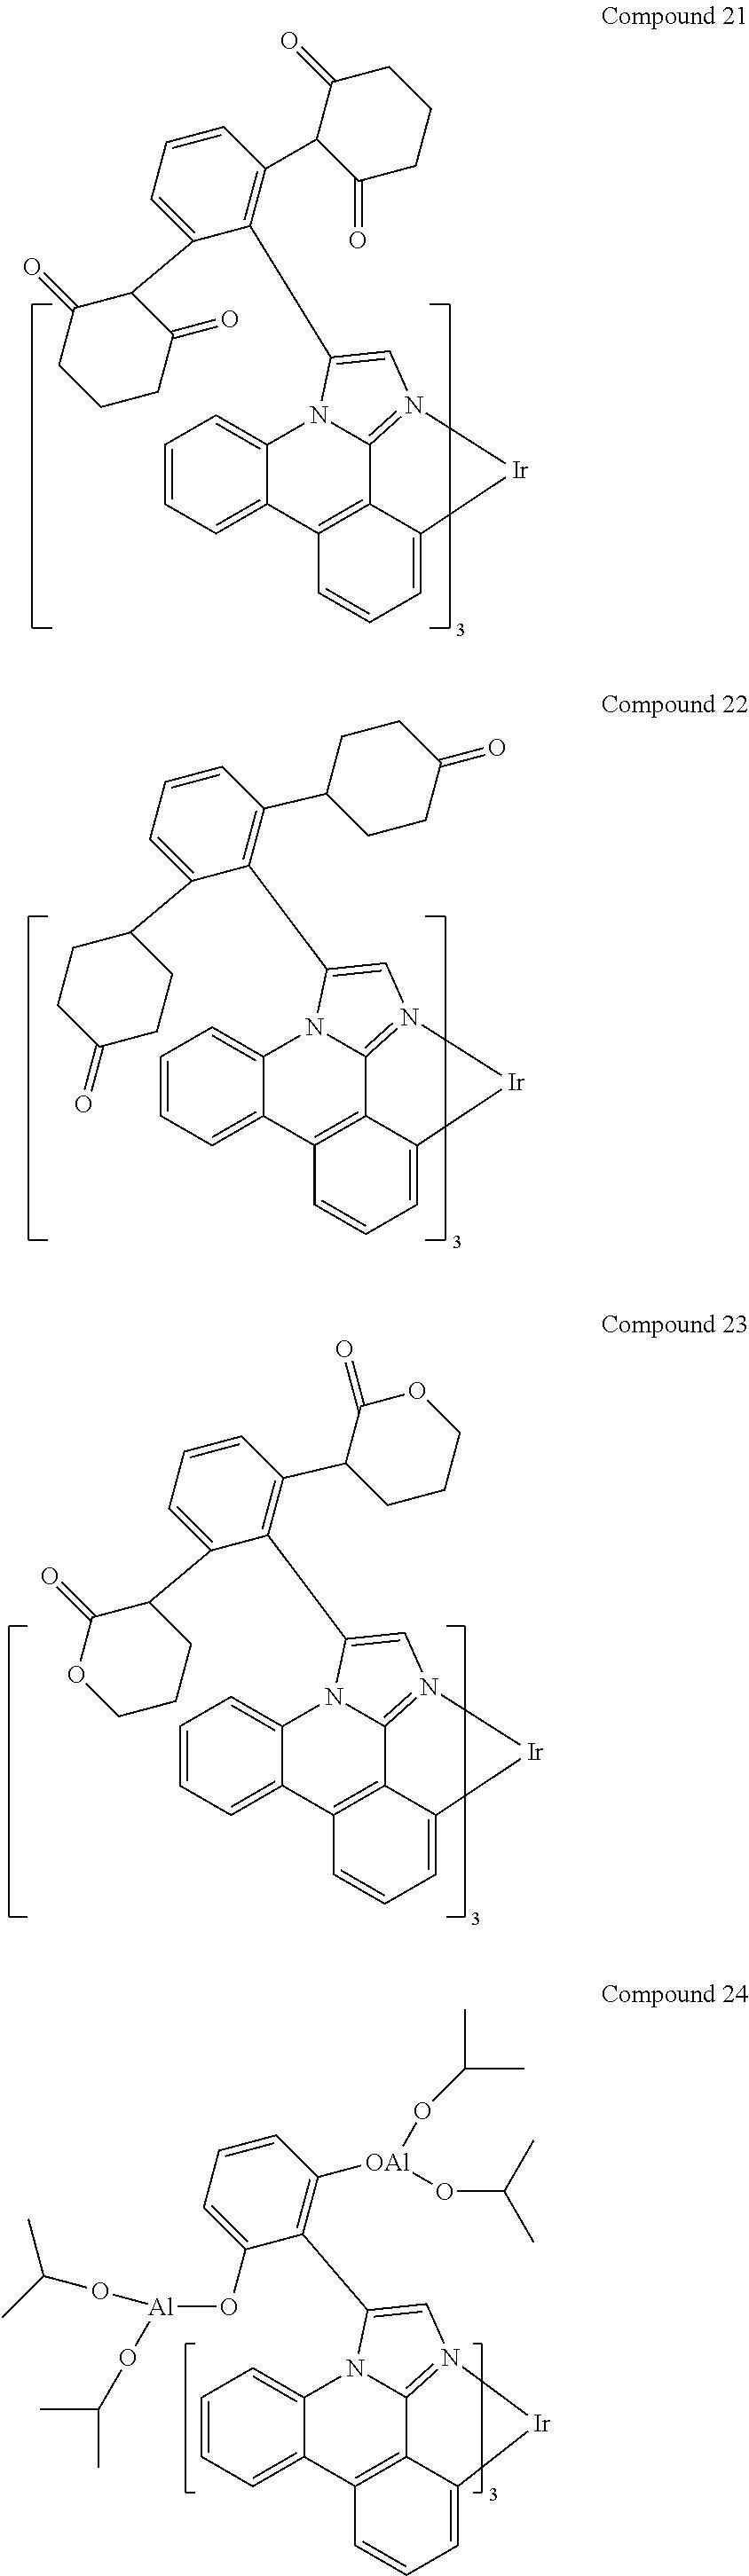 Figure US08815415-20140826-C00022